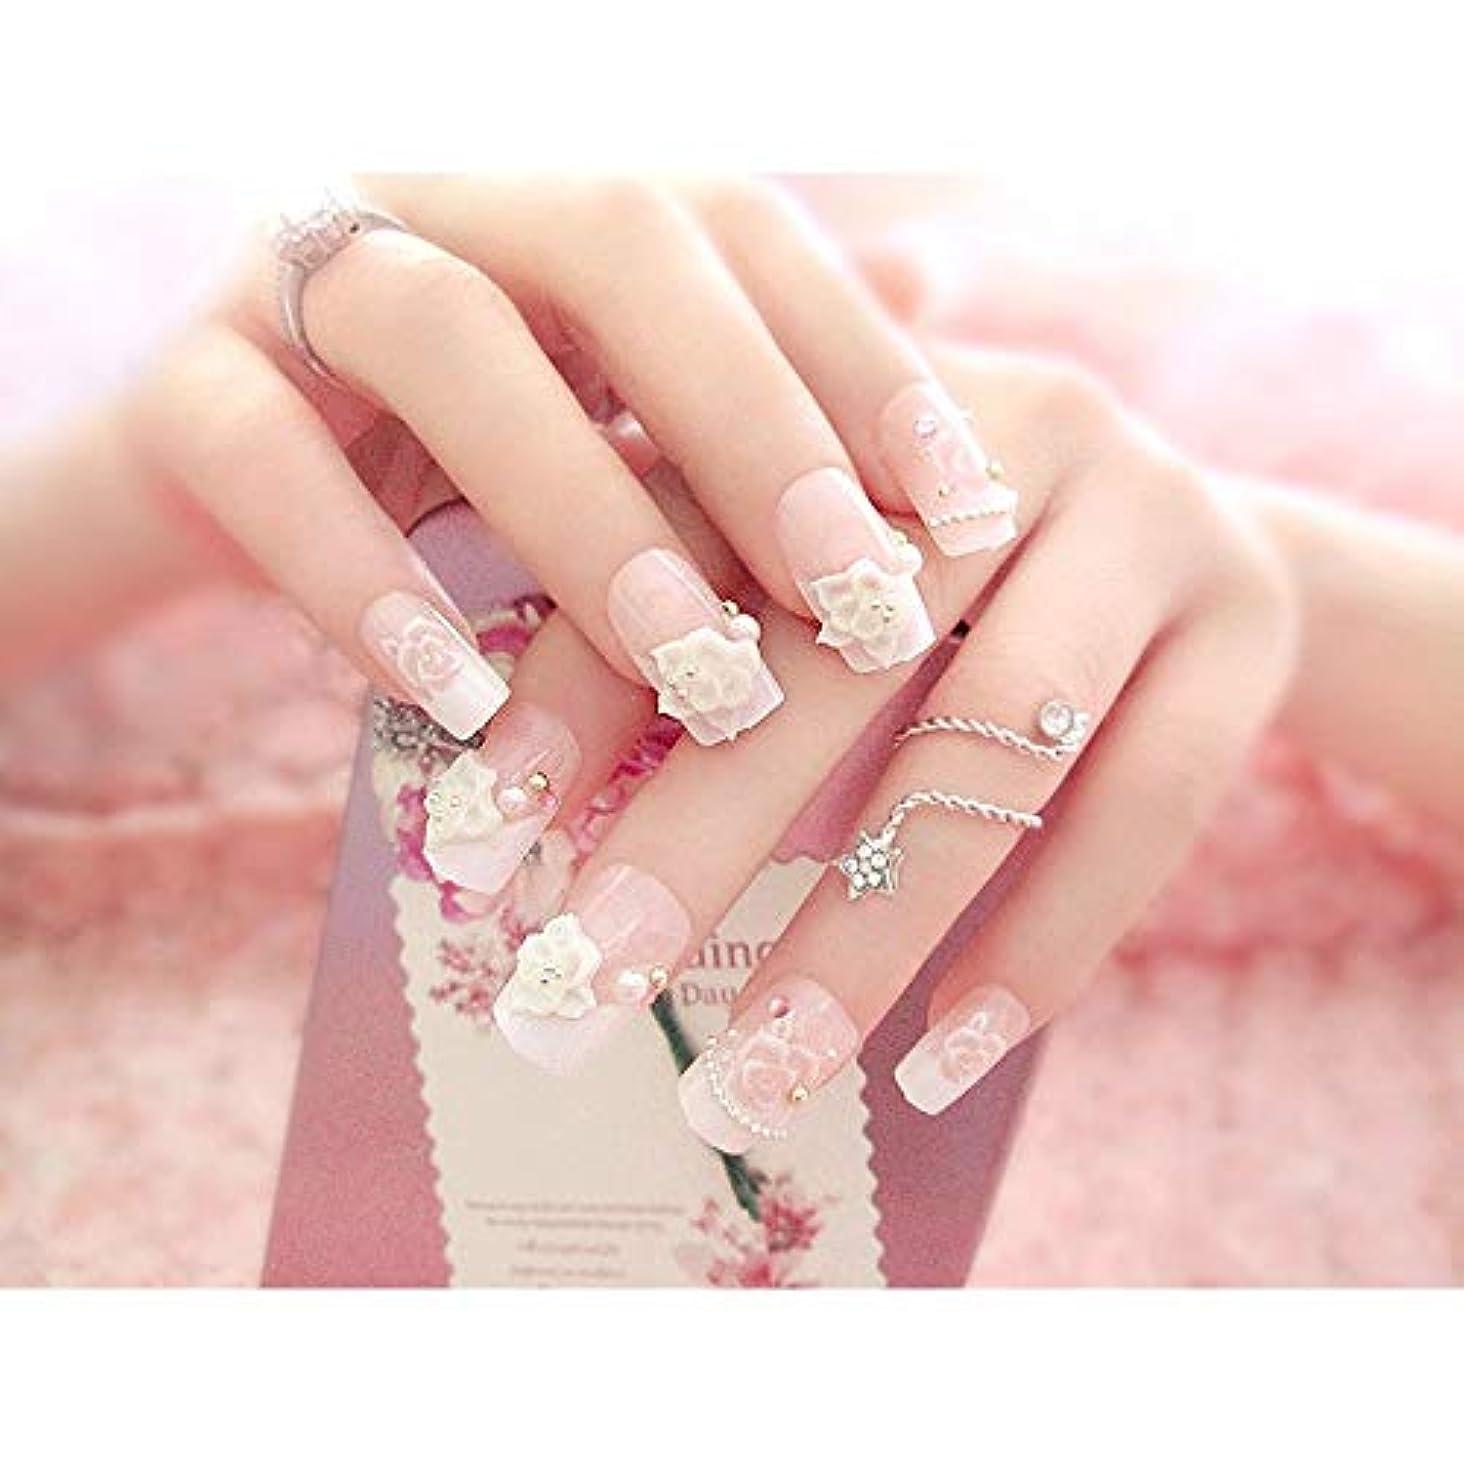 YESONEEP ホワイト+ピンクは、偽の釘24ピース箱入りフェイクネイルパール花の花嫁ネイルステッカーを完成しました (色 : 24 pieces)